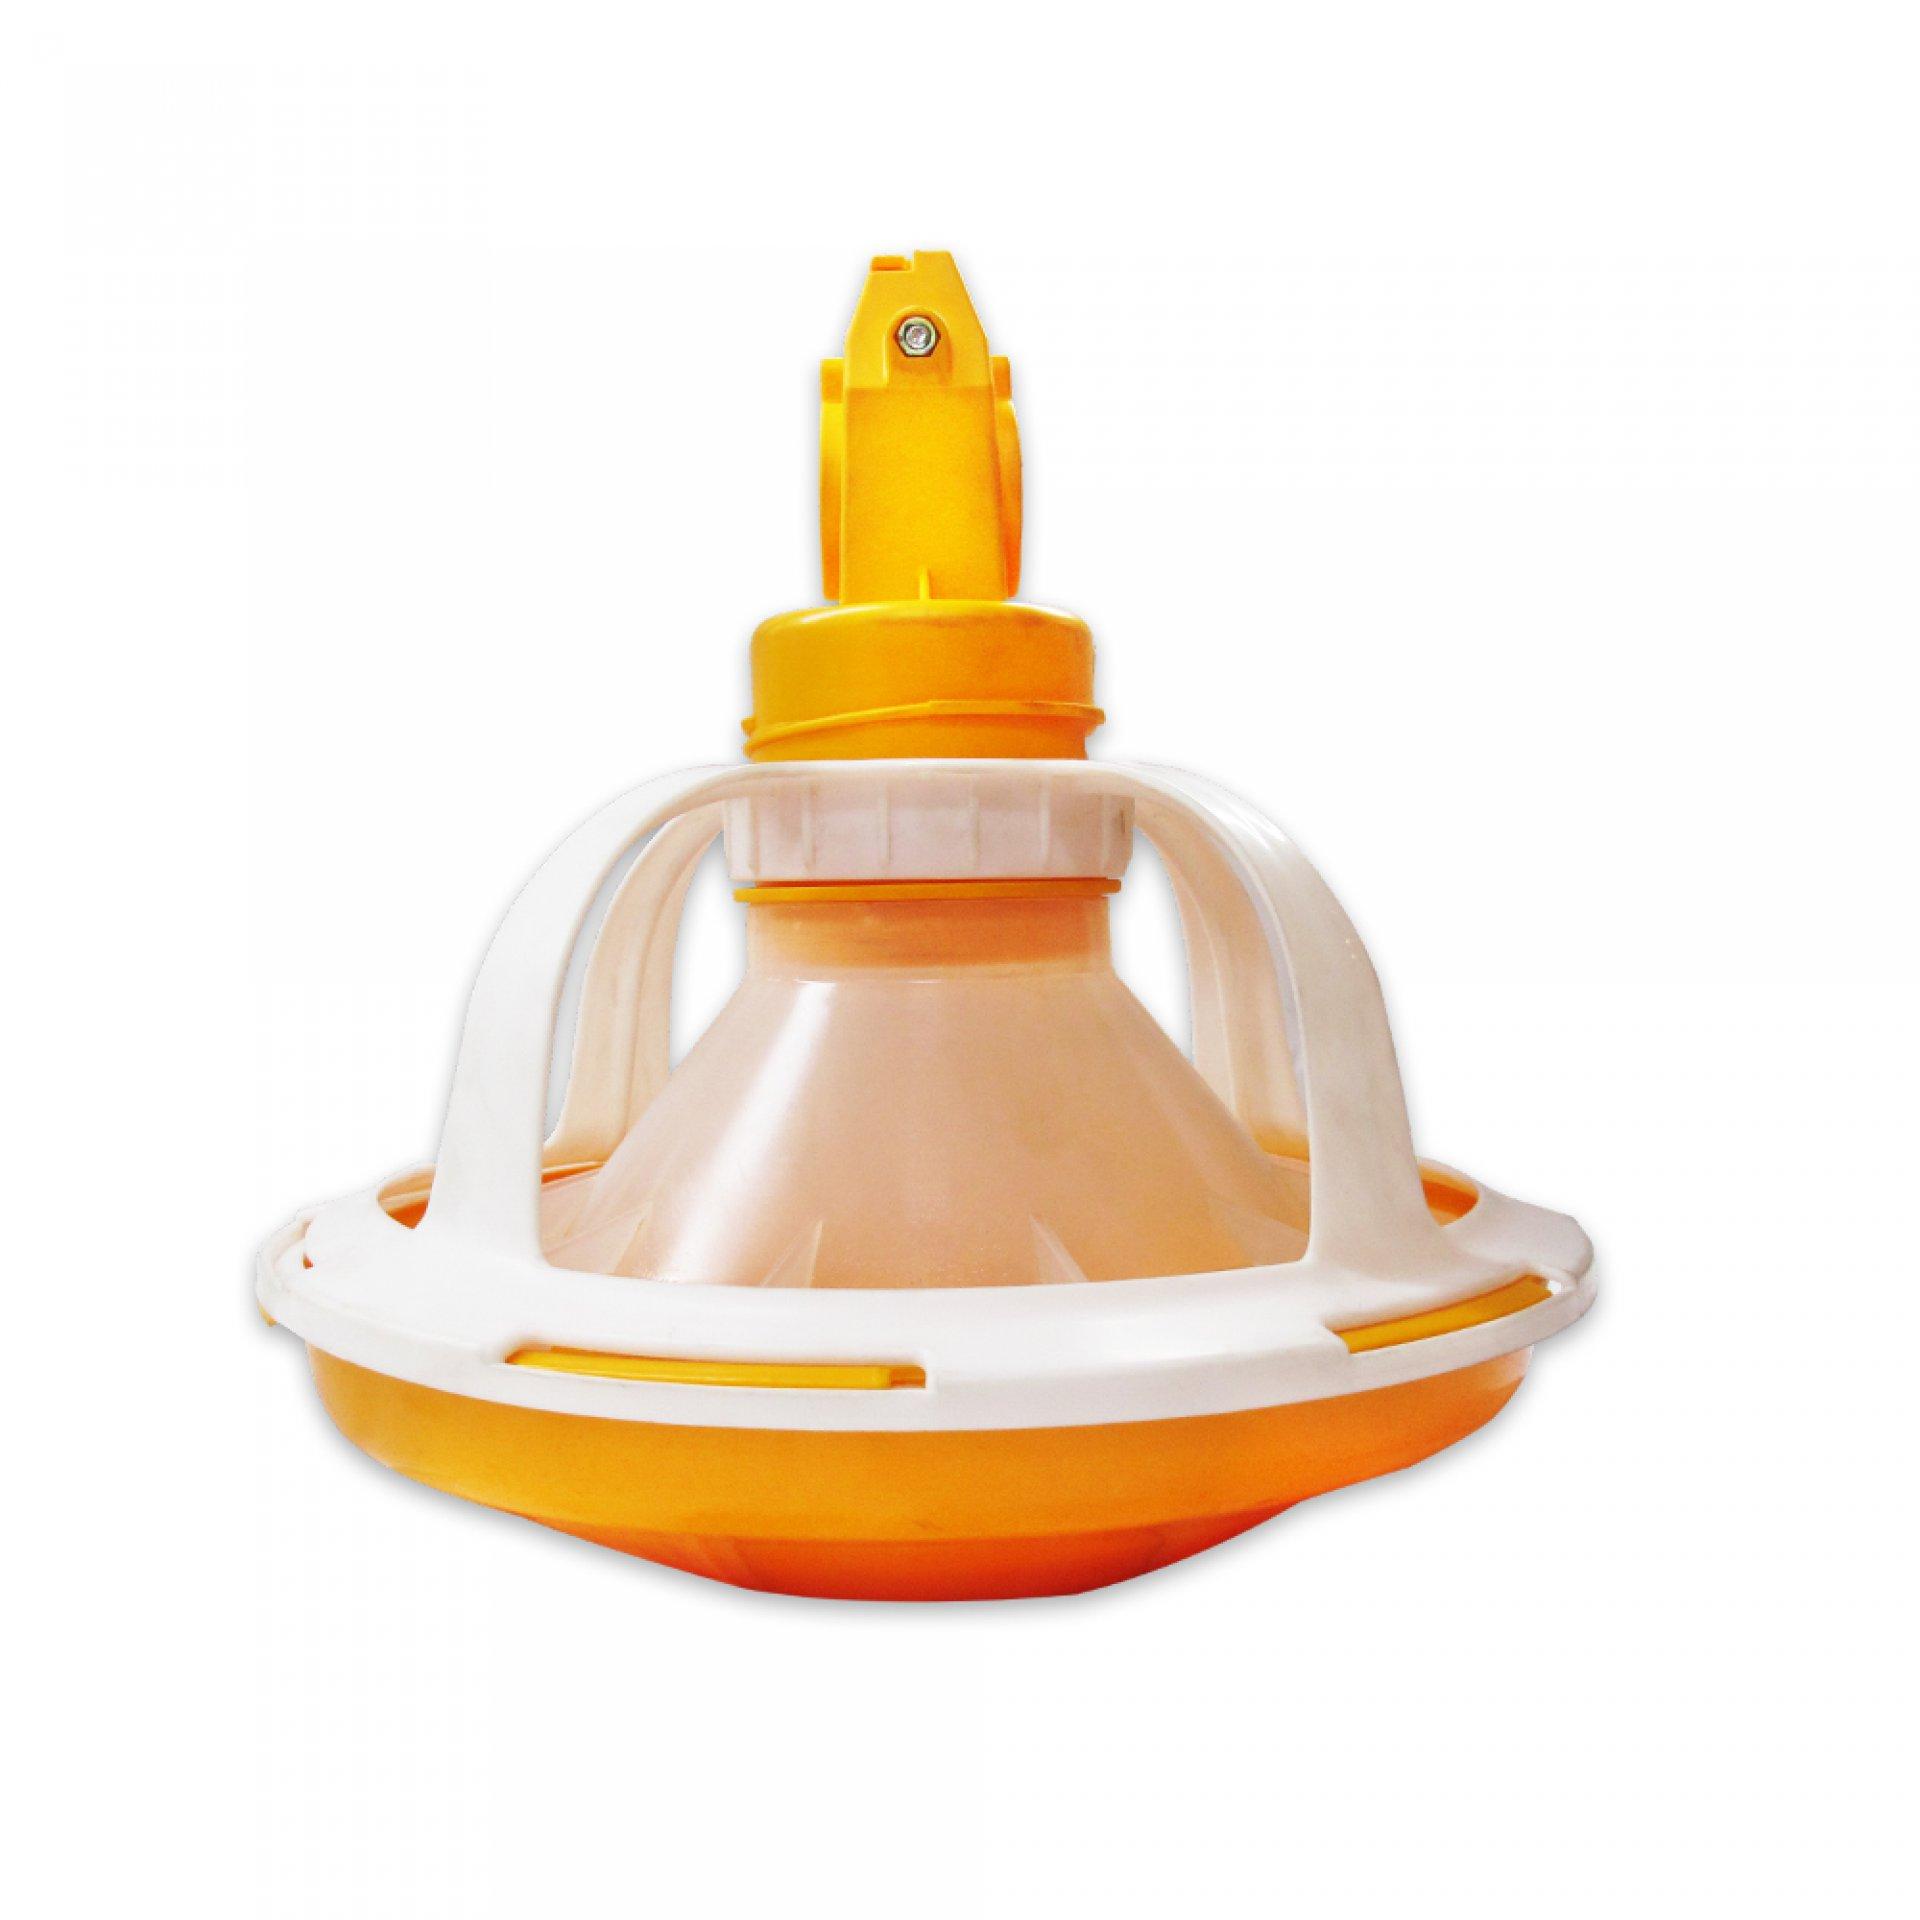 bym01-0101-broyler-feeder-pan